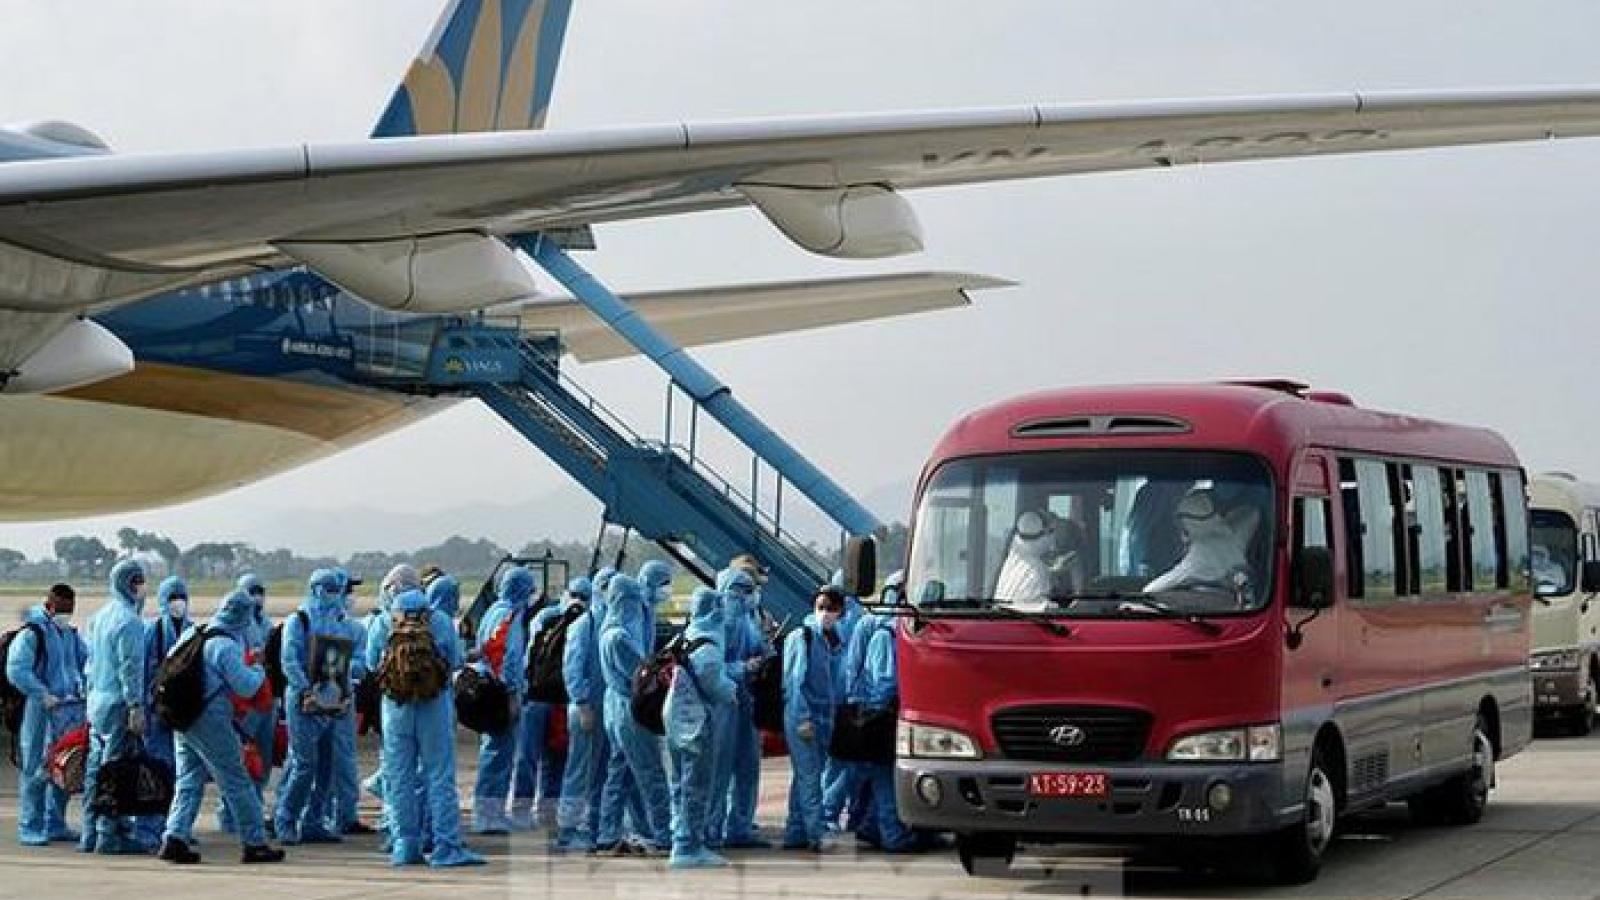 Thủ tướng chỉ đạo: Thận trọng đưa người nhập cảnh vào Việt Nam